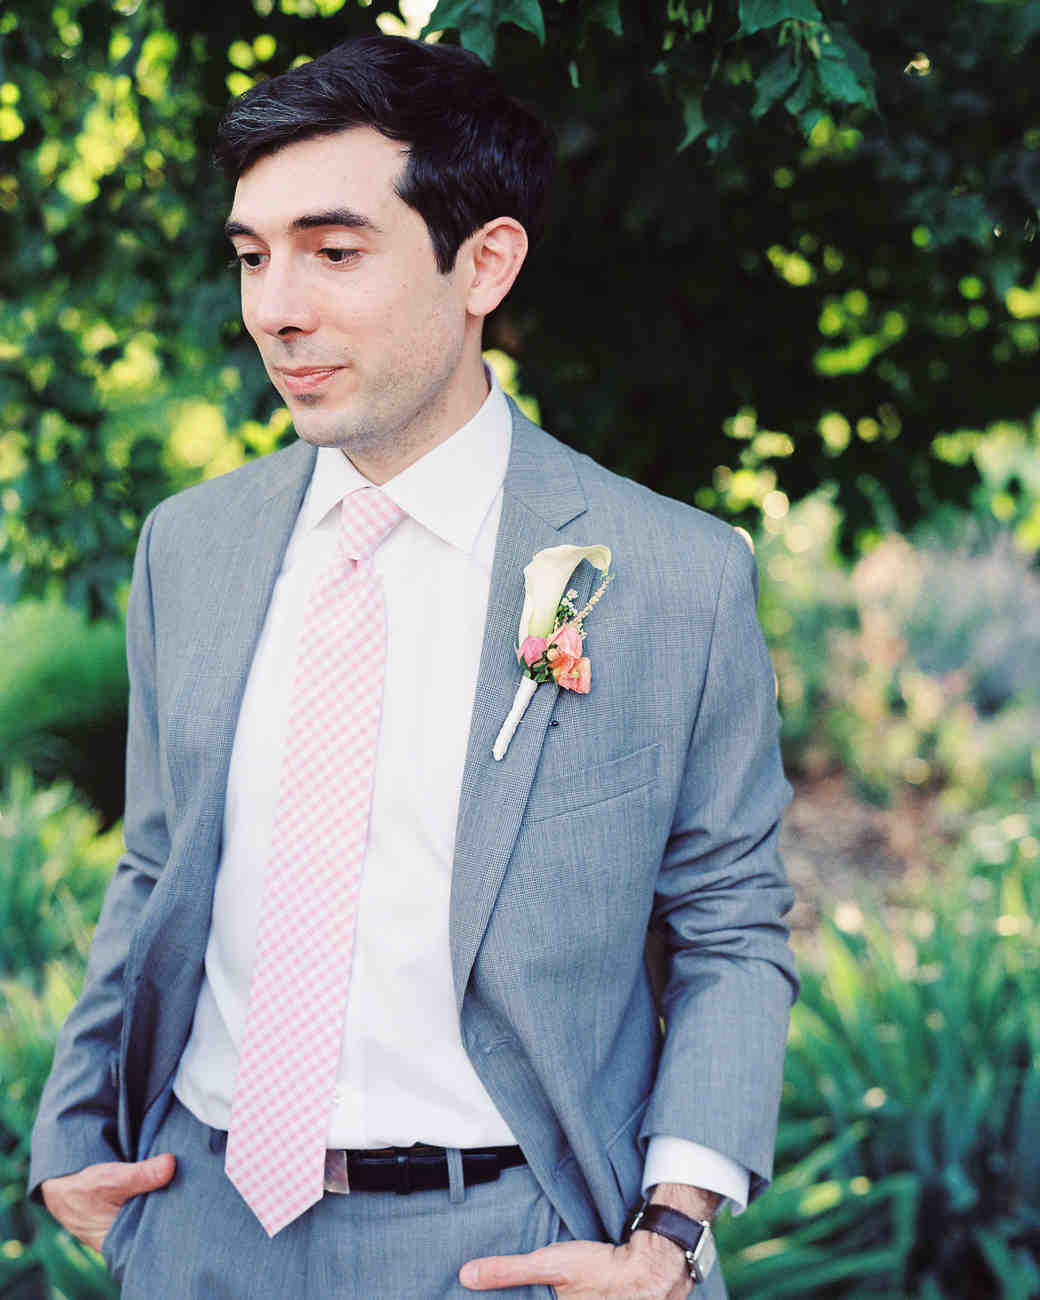 suit, tie, gingham coat jacket